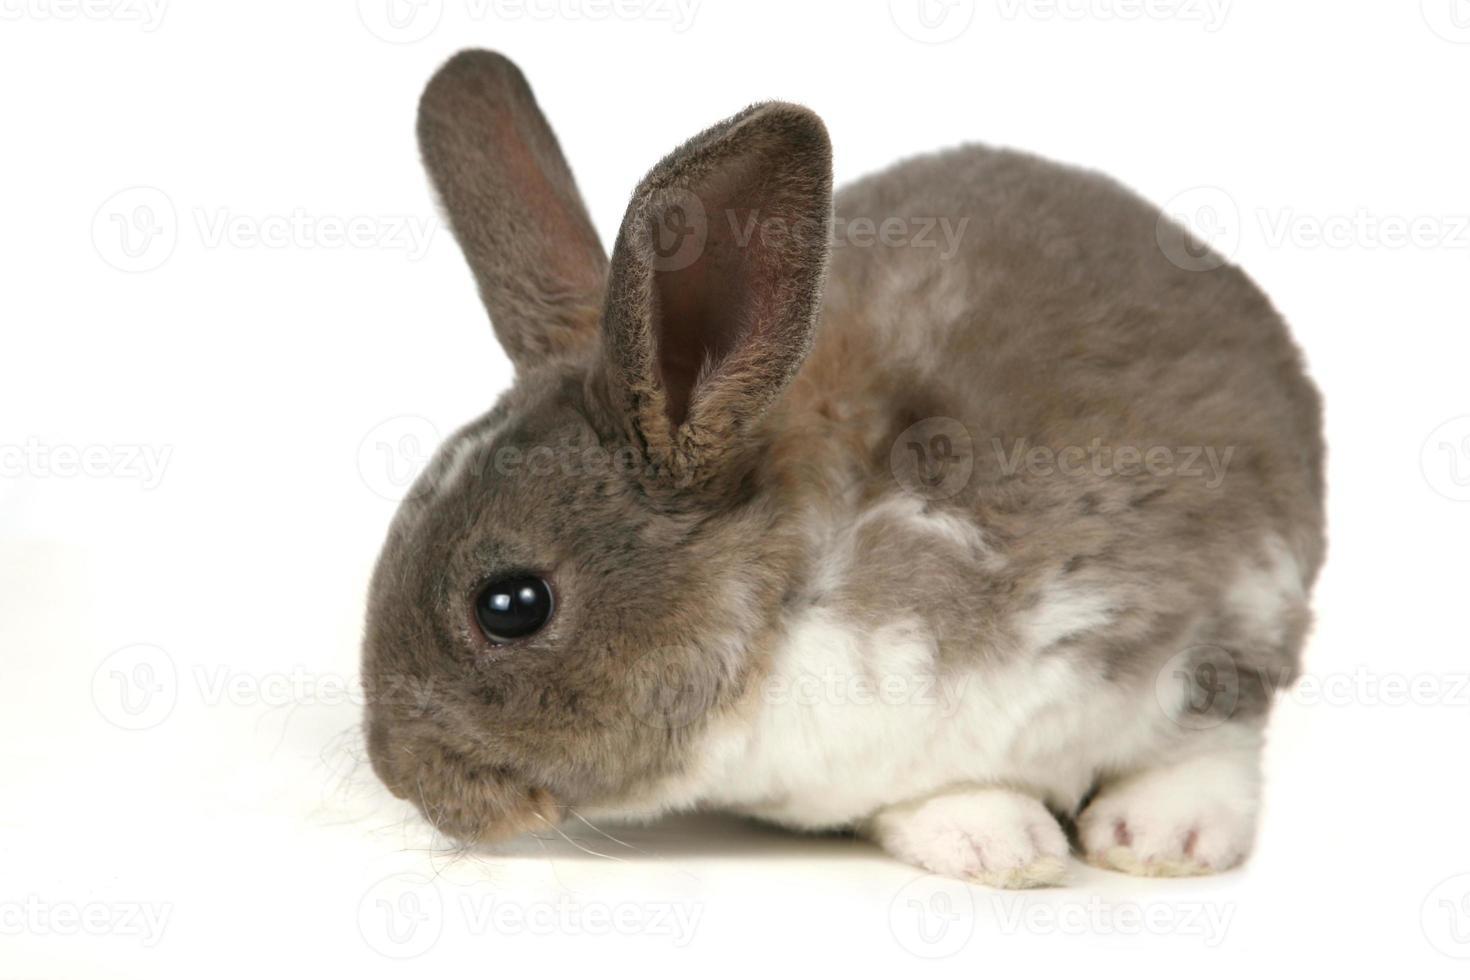 entzückender Hase auf weißem Hintergrund foto